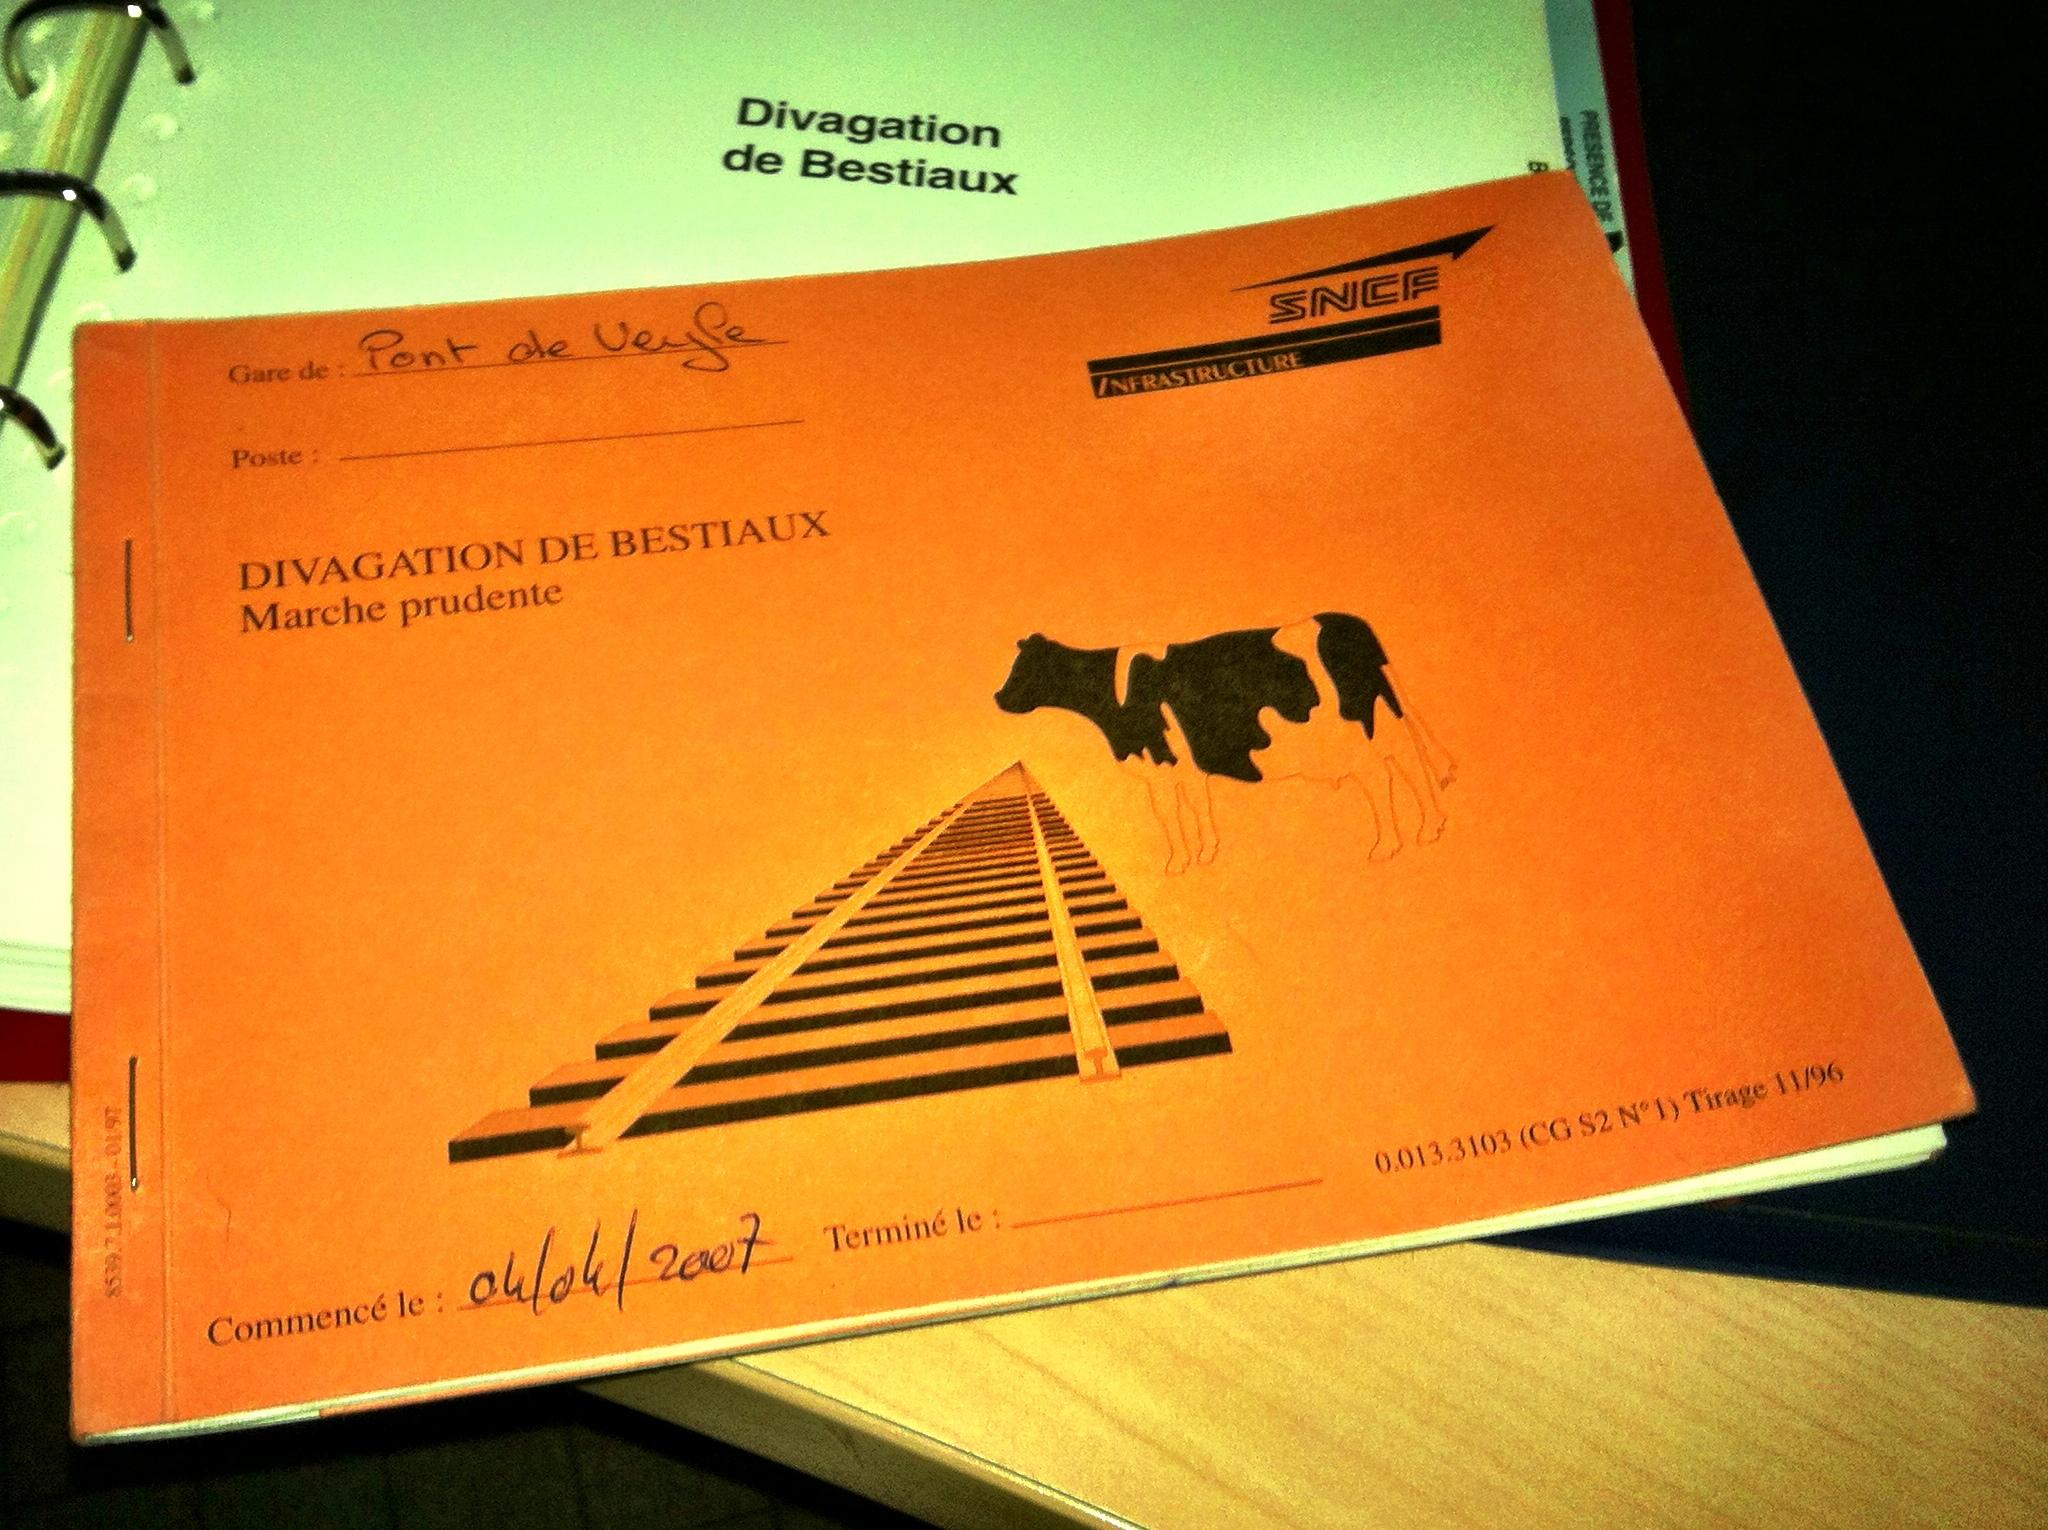 Le carnet de bulletins d'ordre pour divagation de bestiaux